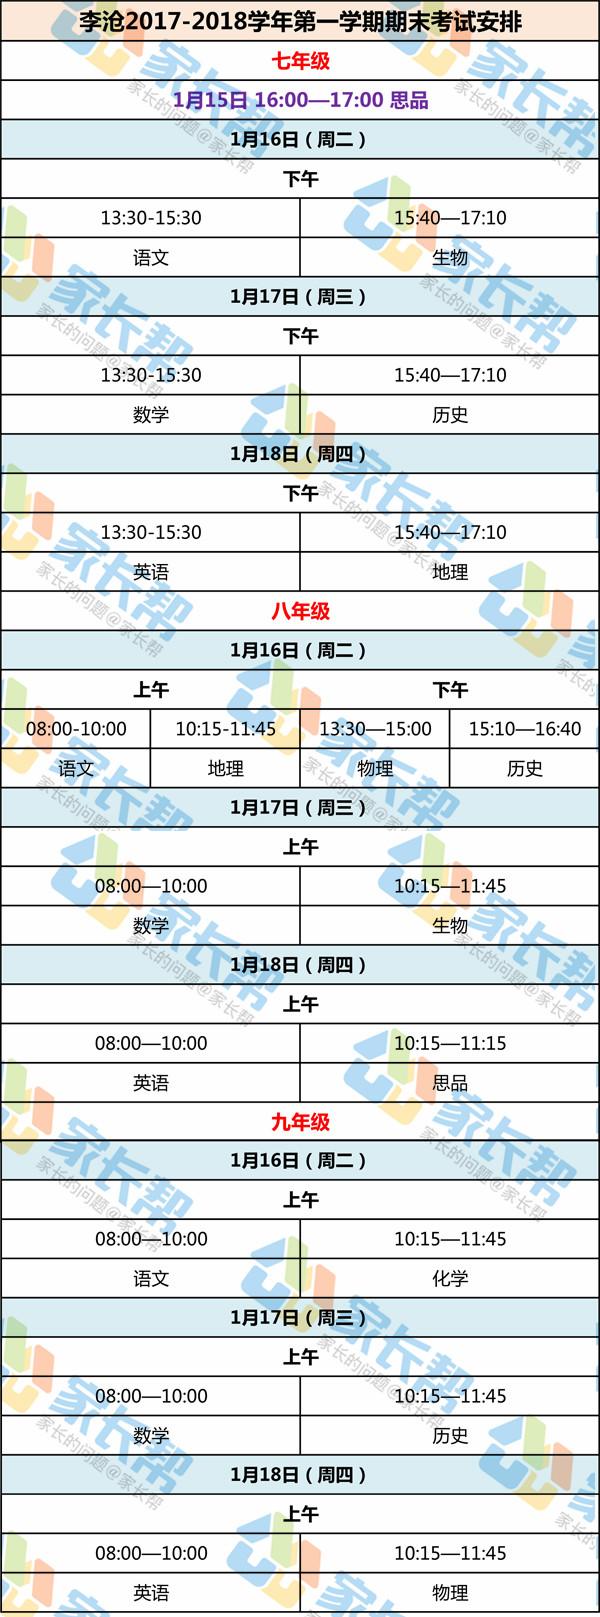 2017-2018学年青岛李沧区期末考试时间安排